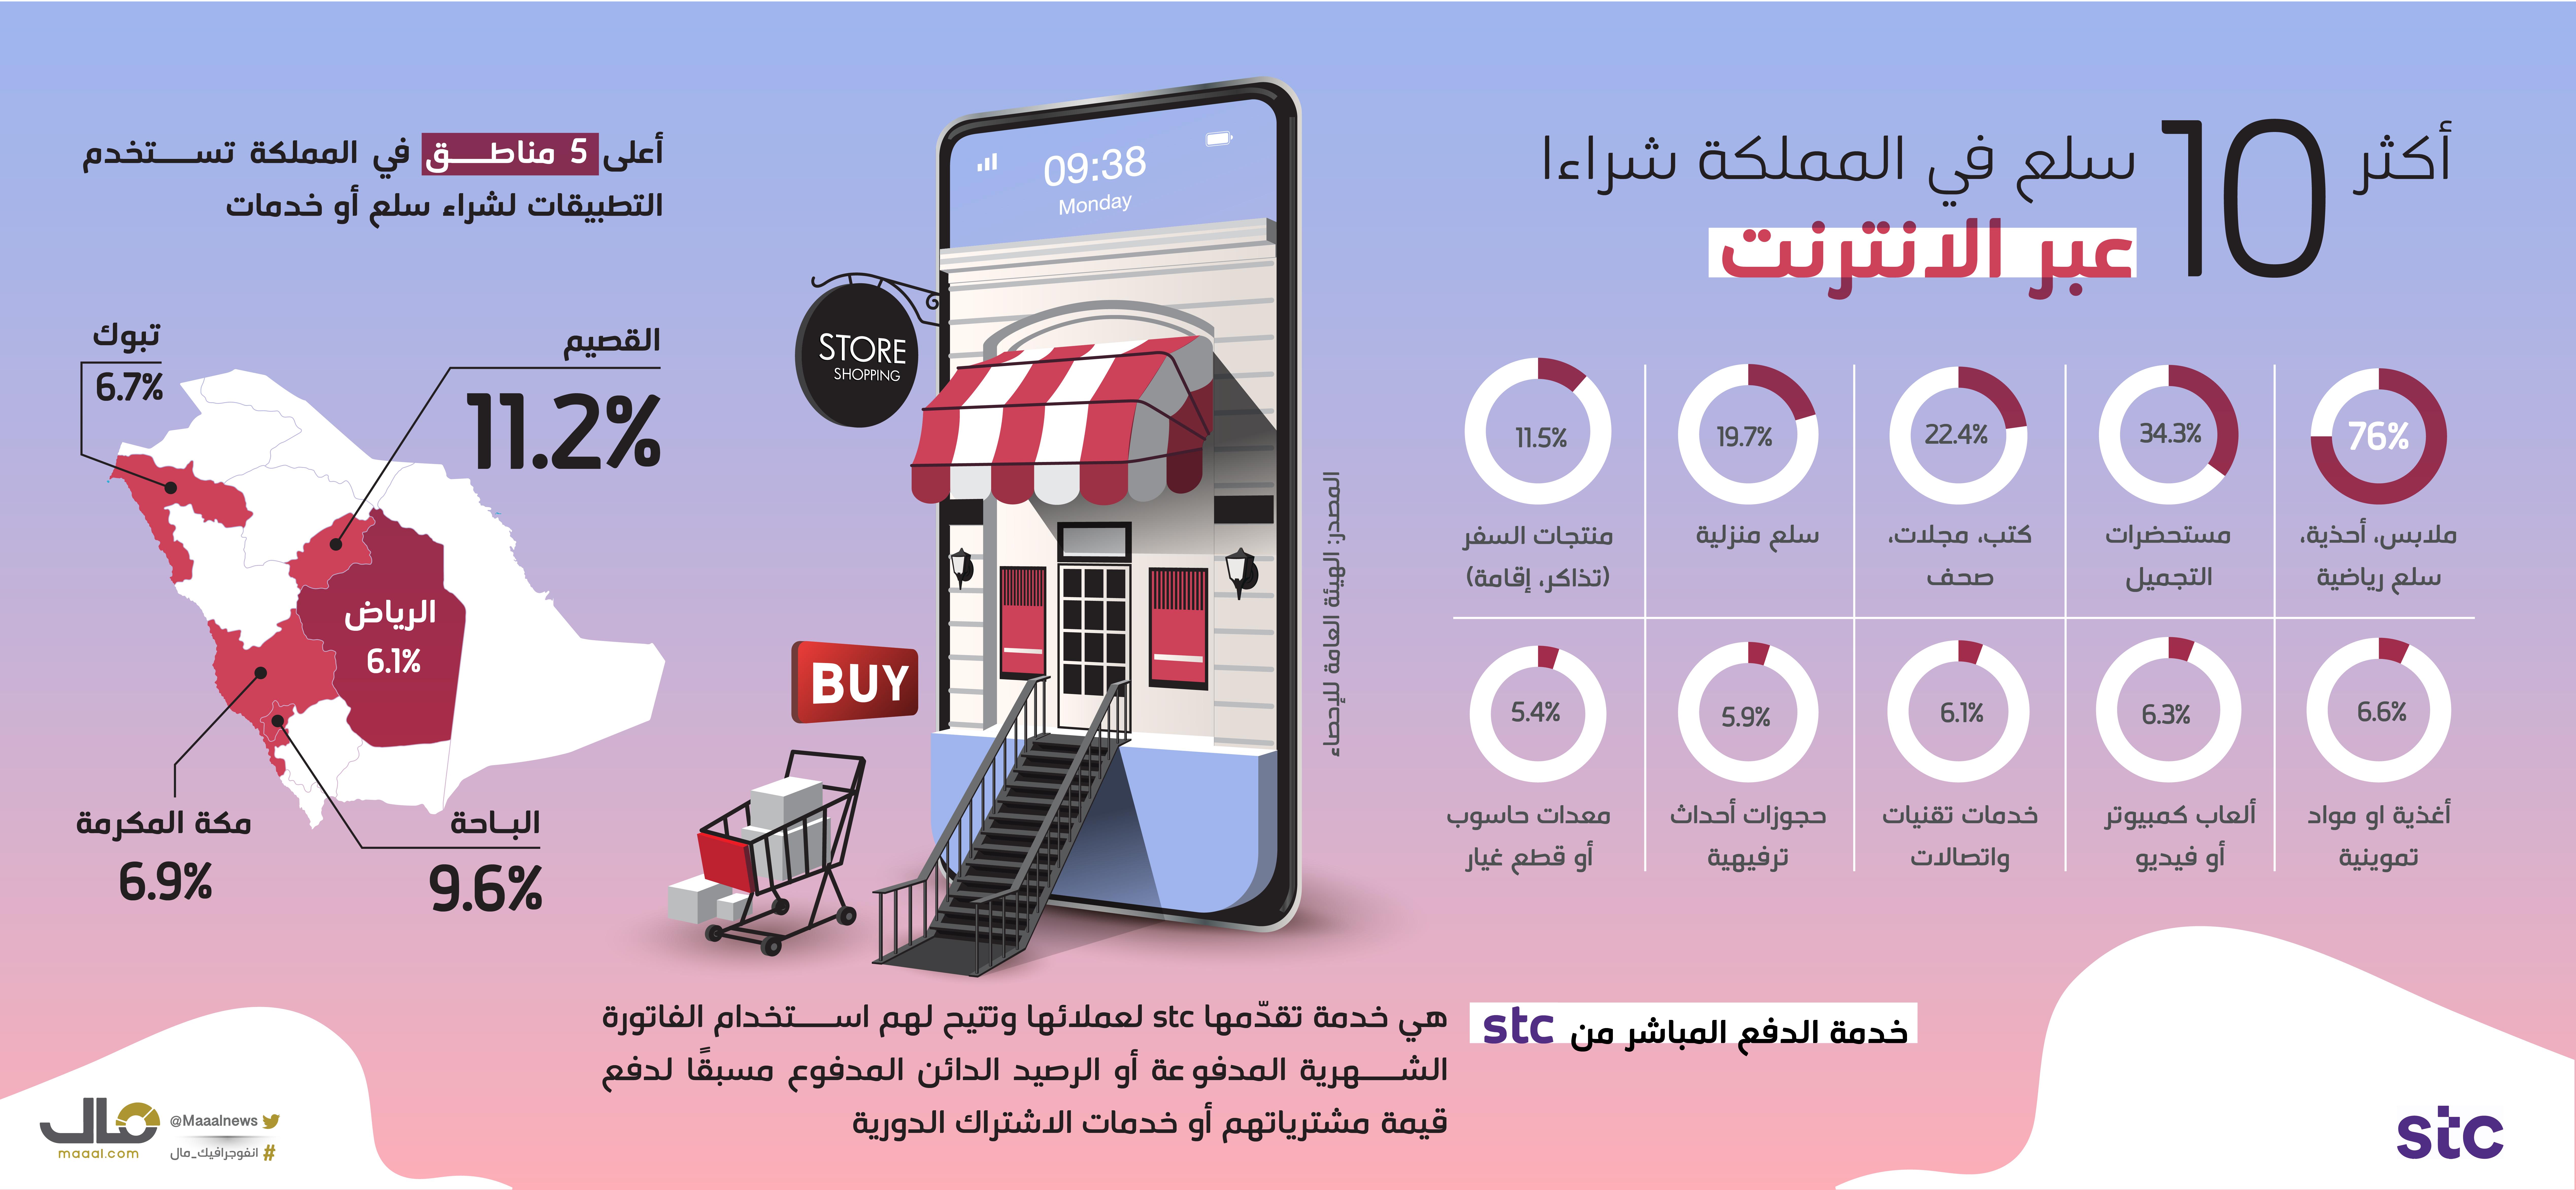 تعرف على قائمة أكبر 10 سلع يشتريها السعوديون عبر الانترنت-01